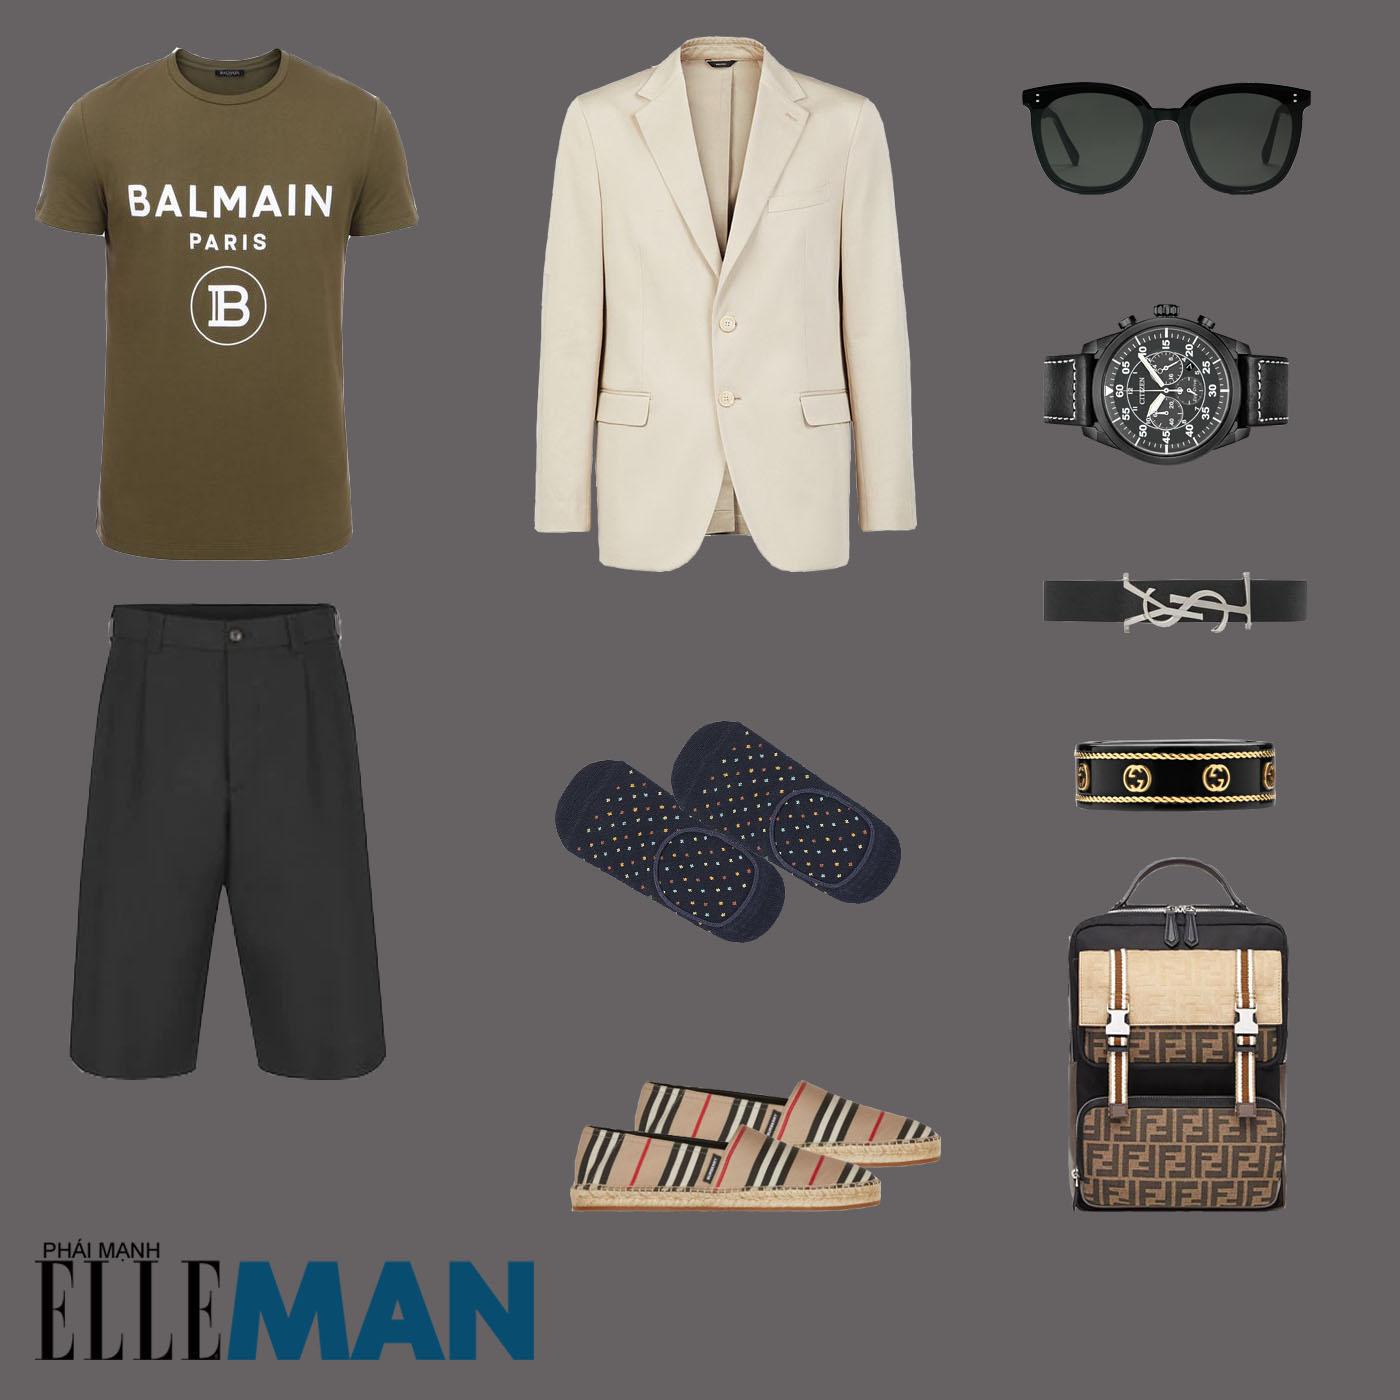 outfit 5 - phối đồ với quần shorts nam